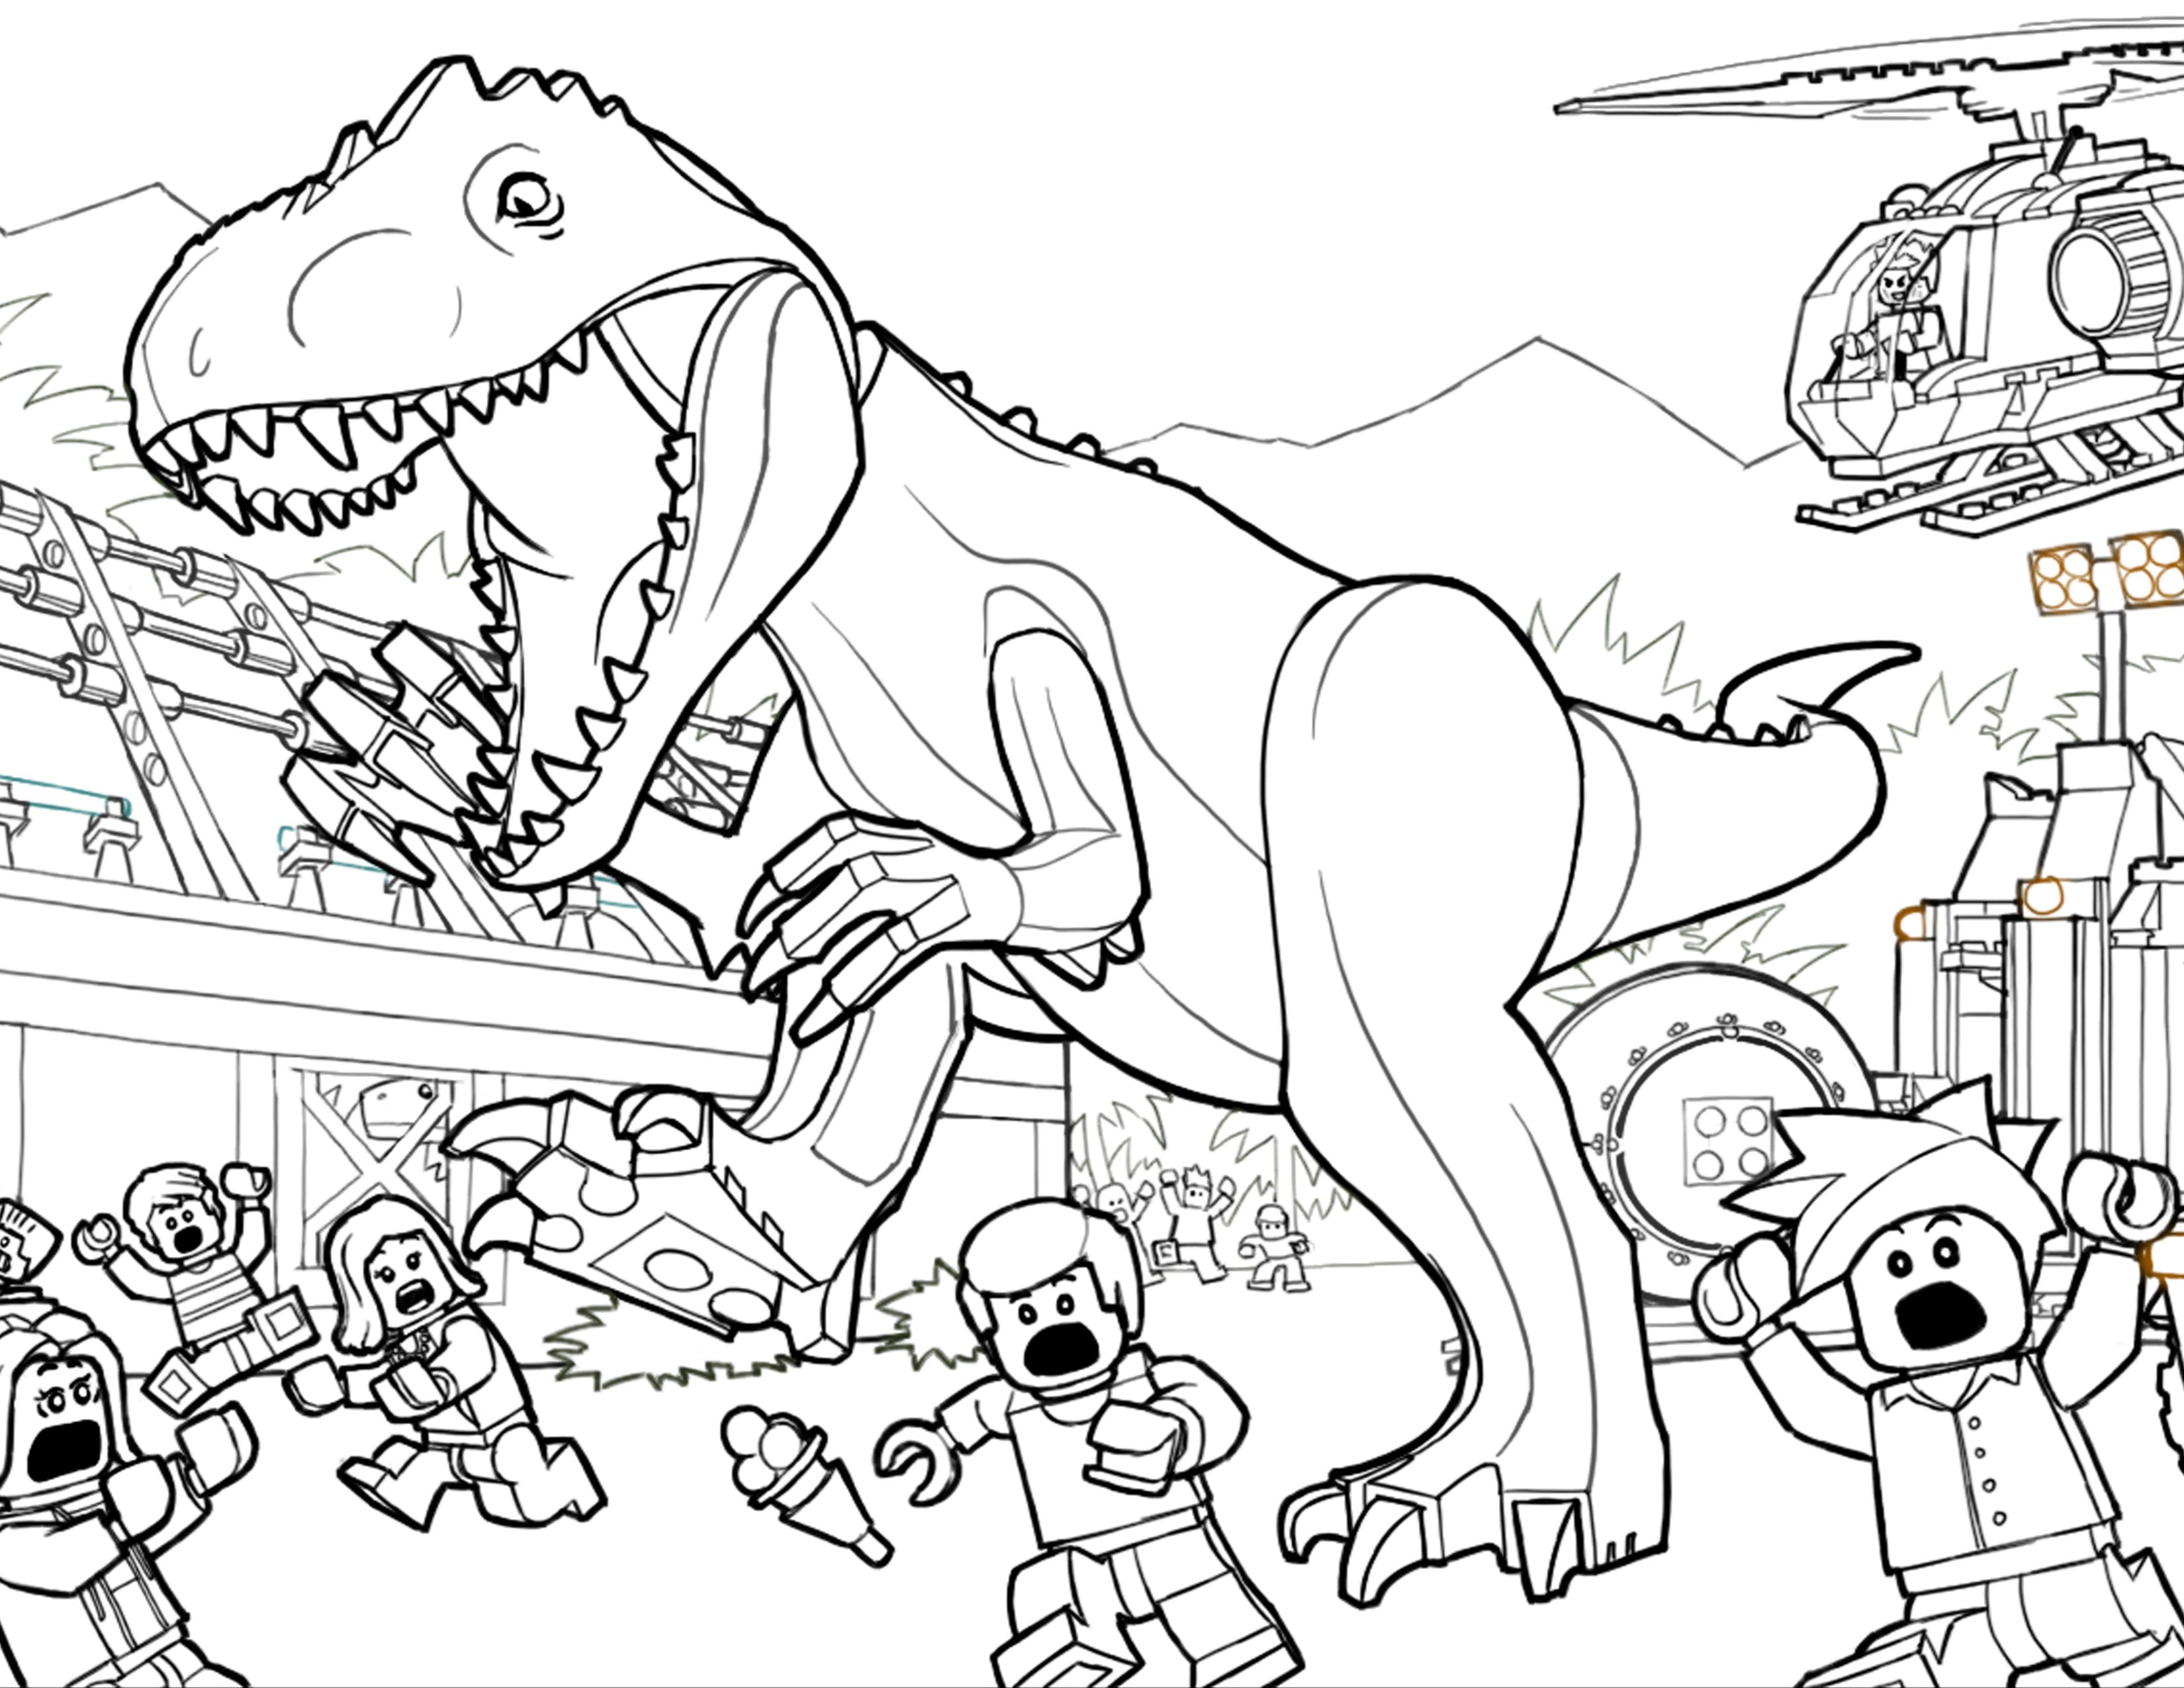 33 dessins de coloriage jurassic park imprimer sur page 1 - Top coloriage dinosaures ...